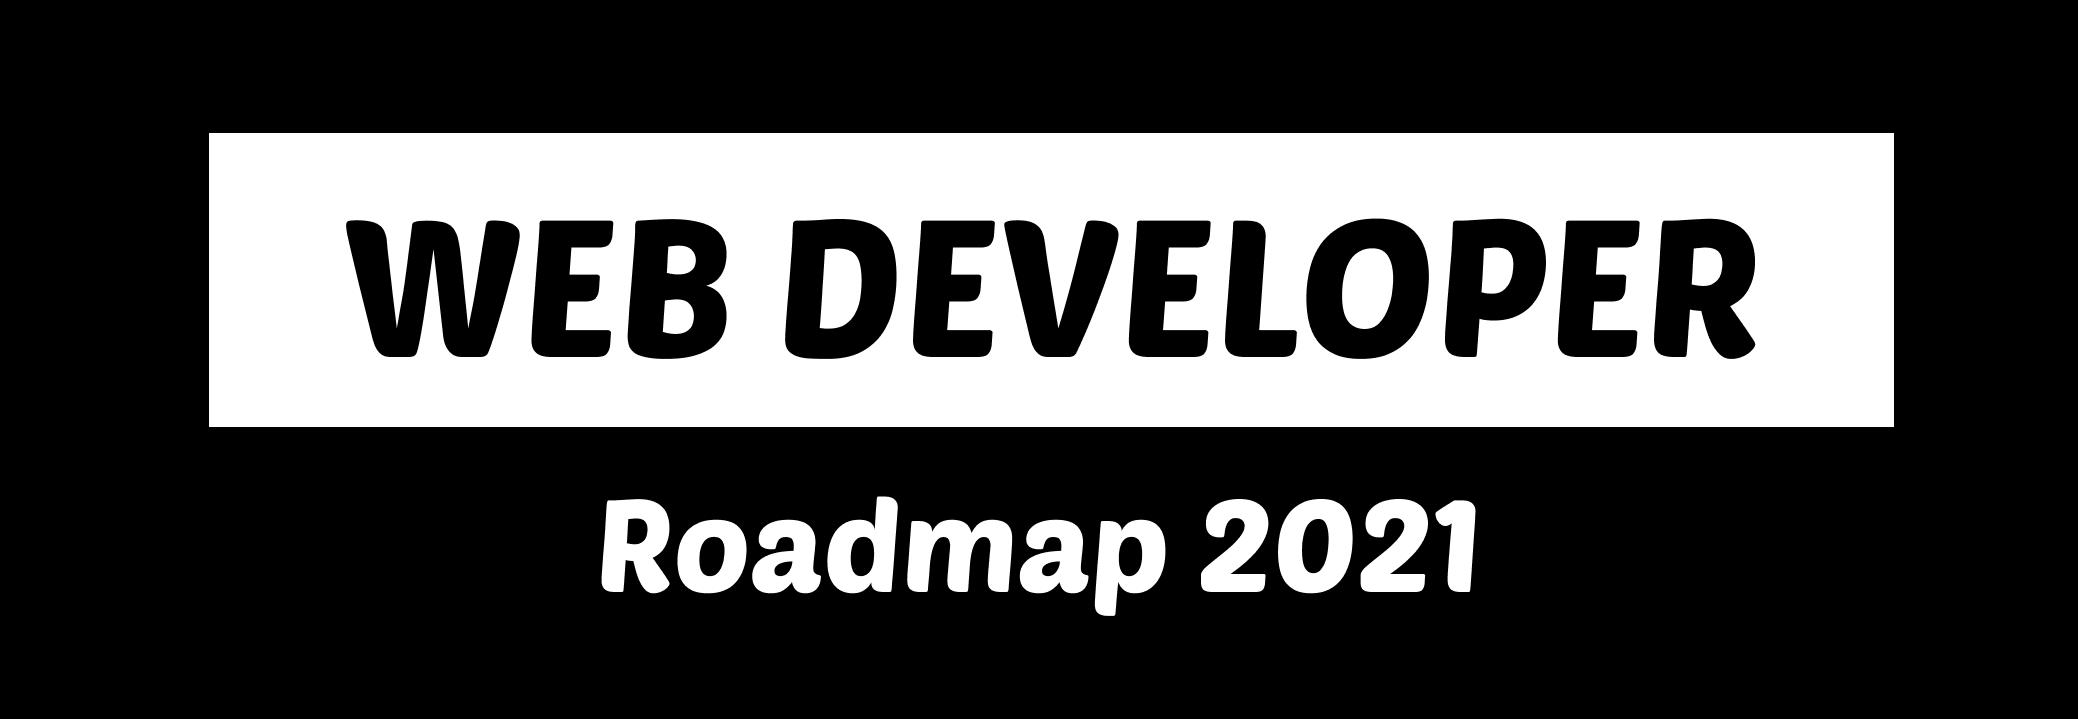 Web Developer Roadmap - 2021